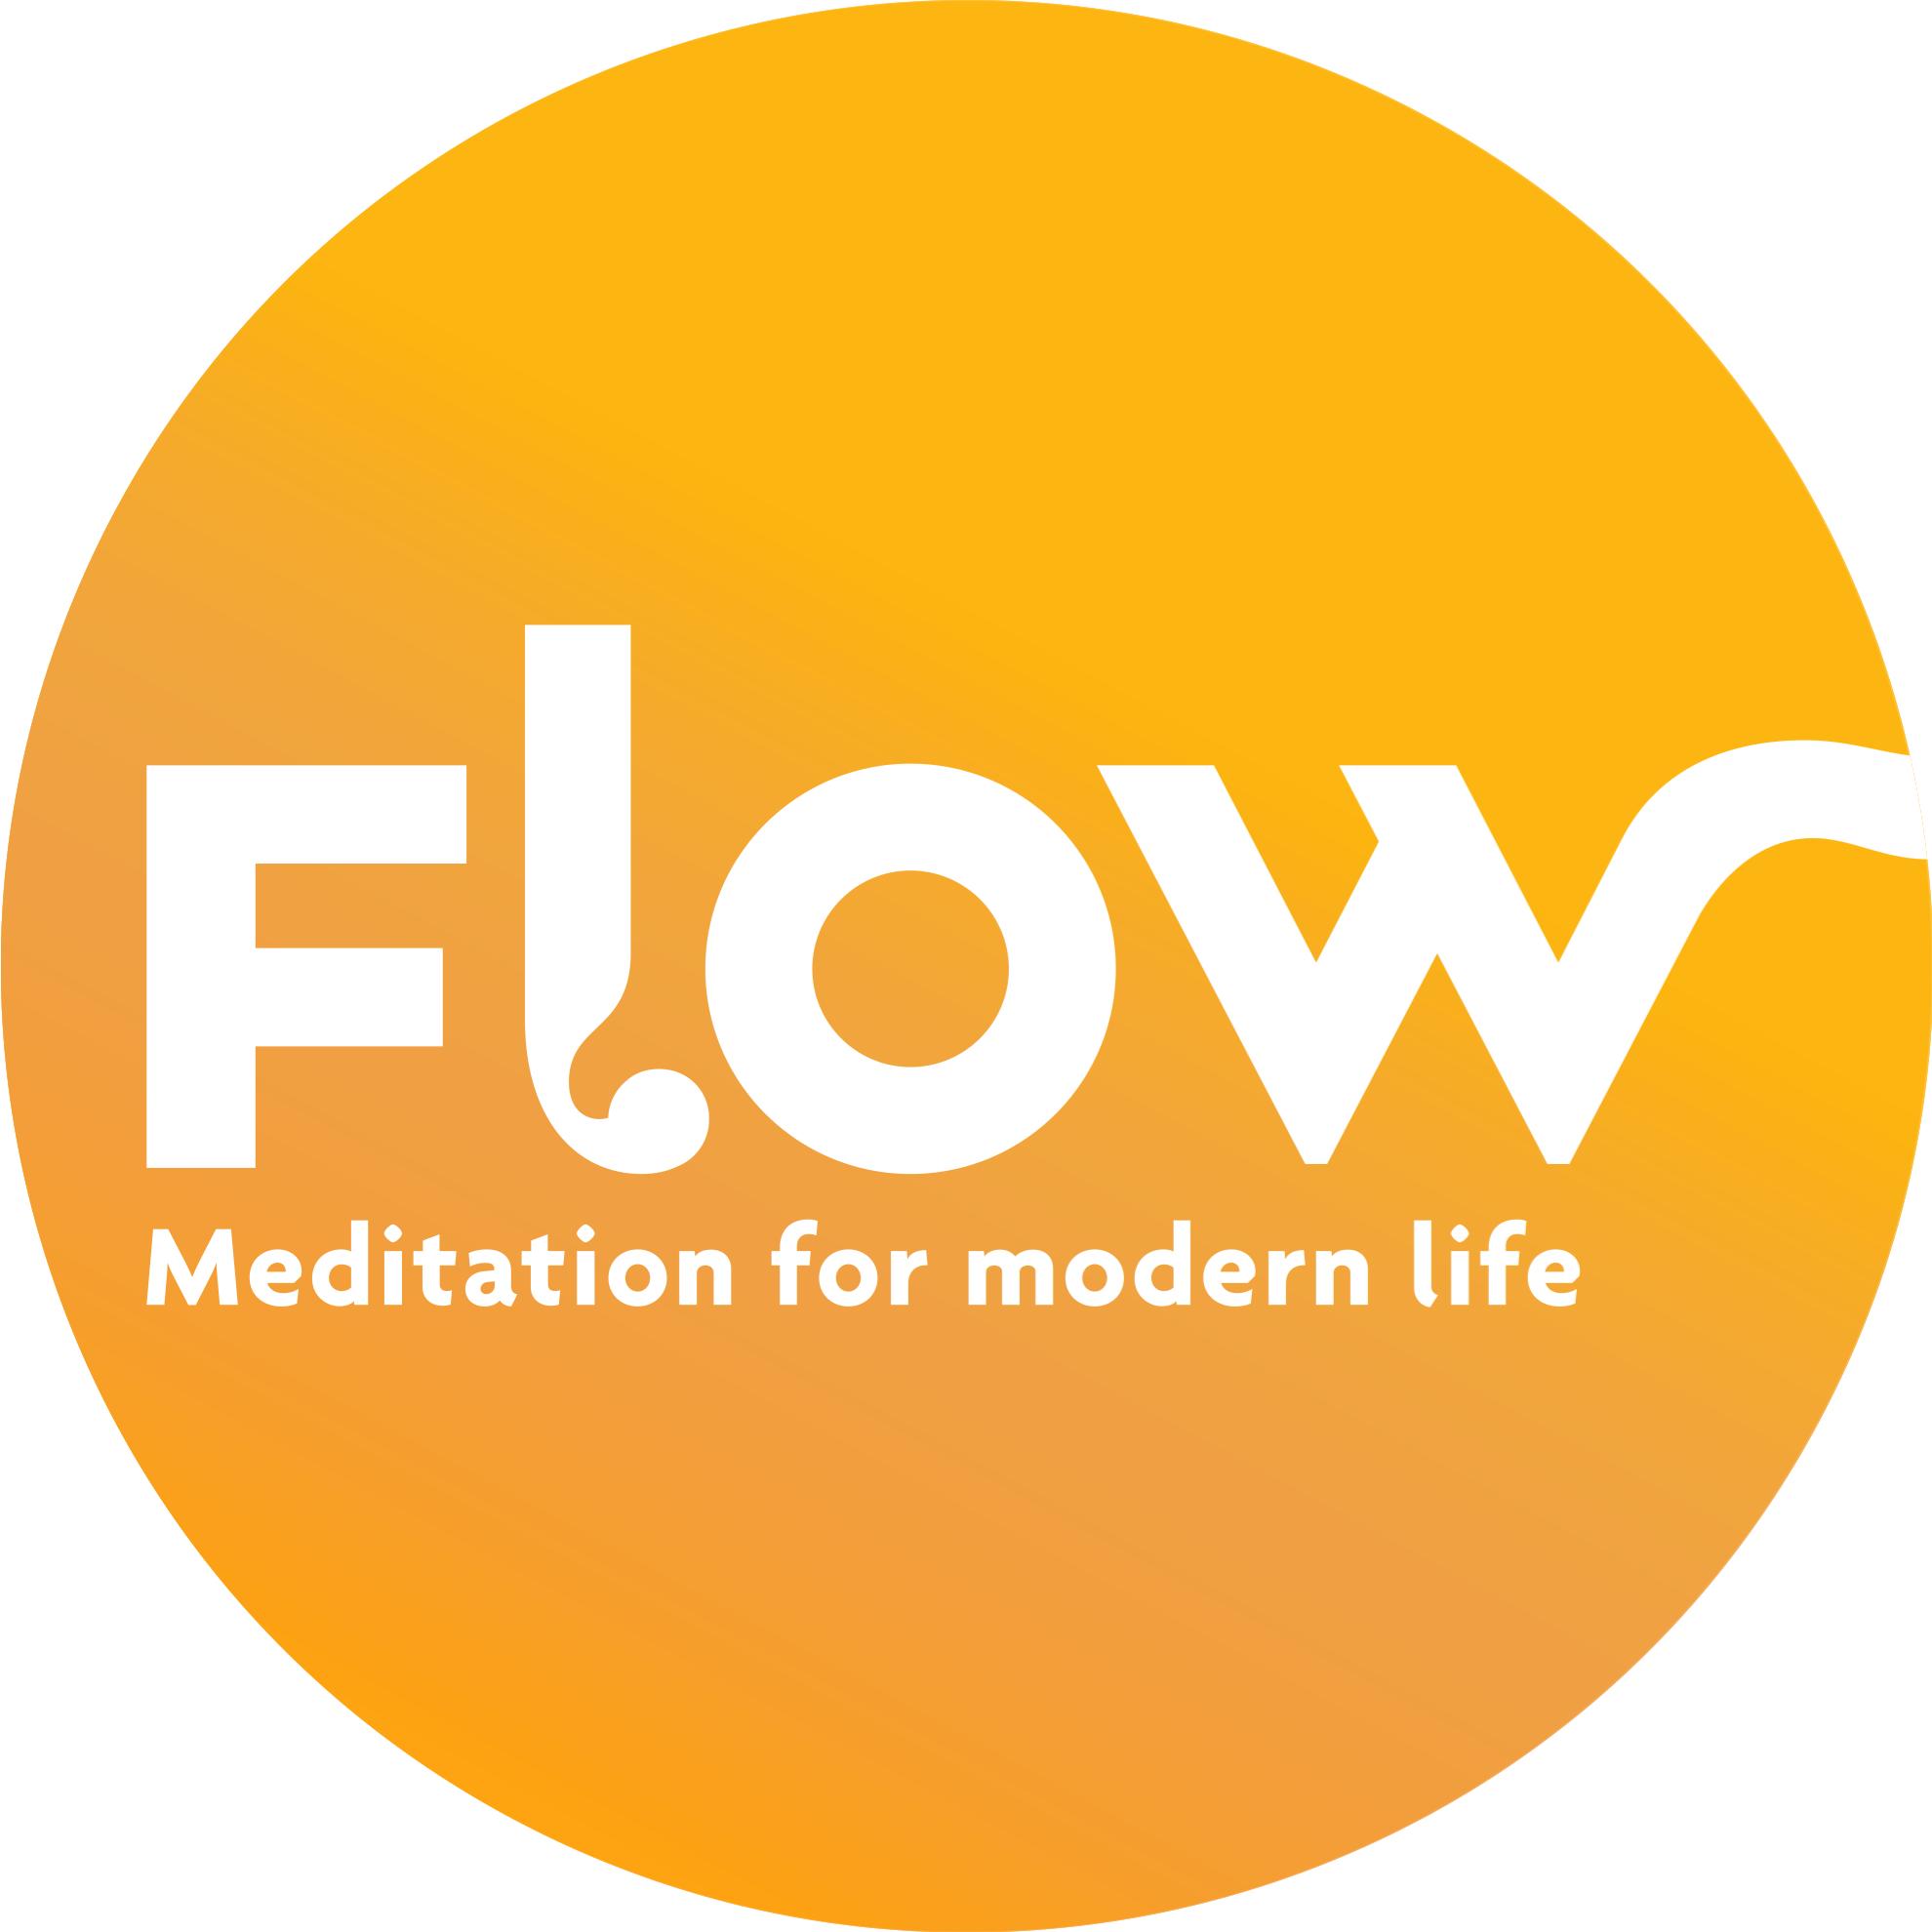 Flow - Meditation for modern life